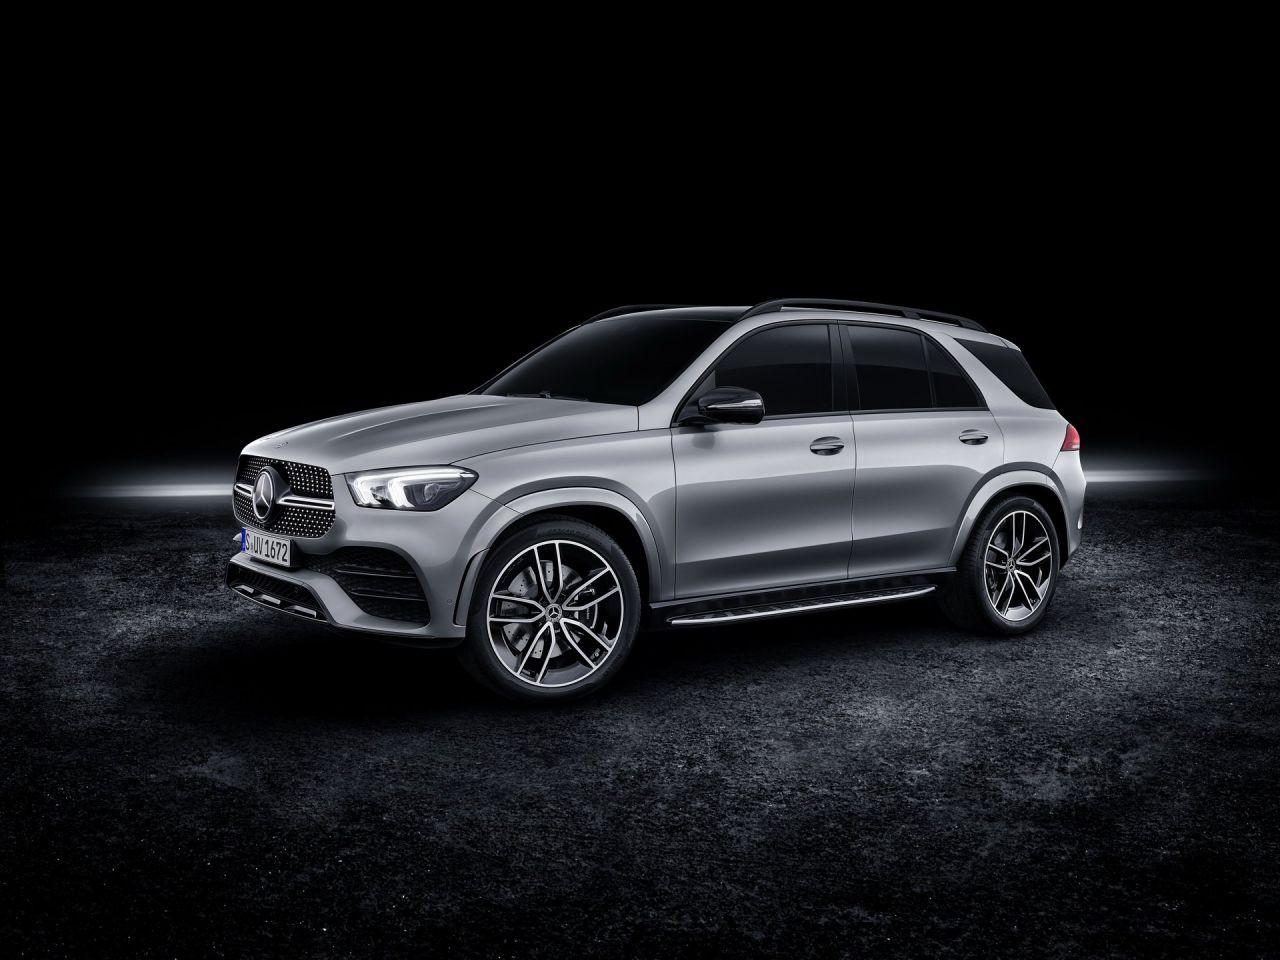 Hibrit ve V8 buluşması; 2020 Mercedes-Benz GLE 580 - Page 3